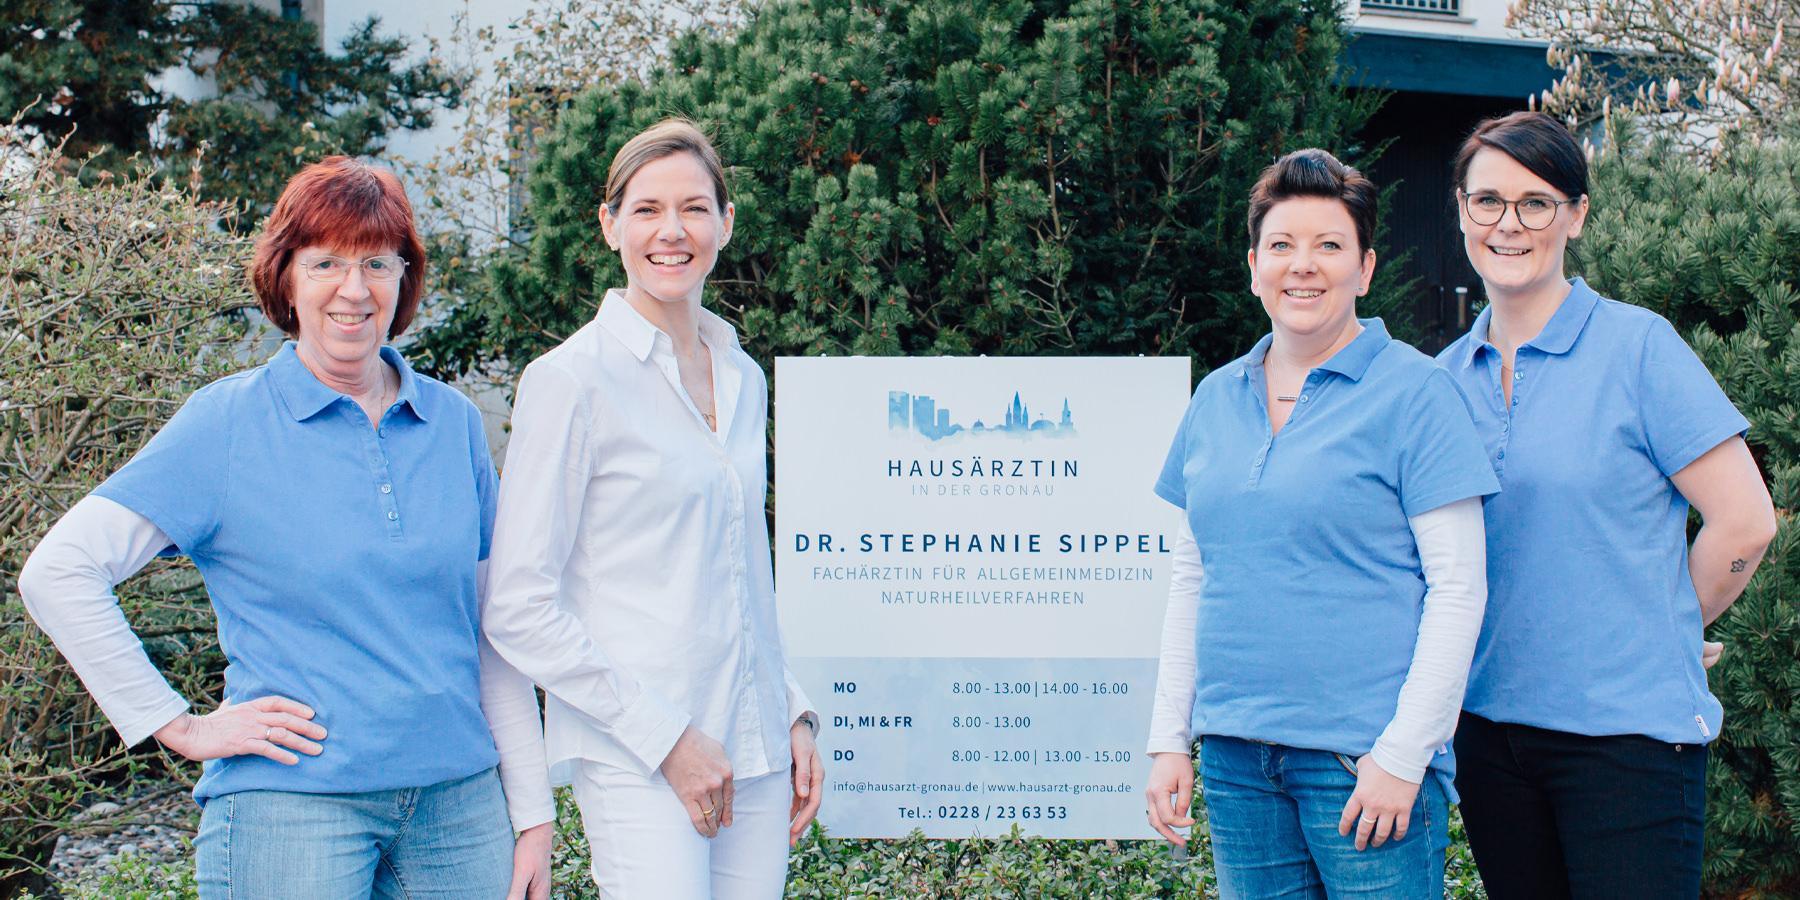 Hausarzt Bonn Gronau - Sippel - Team